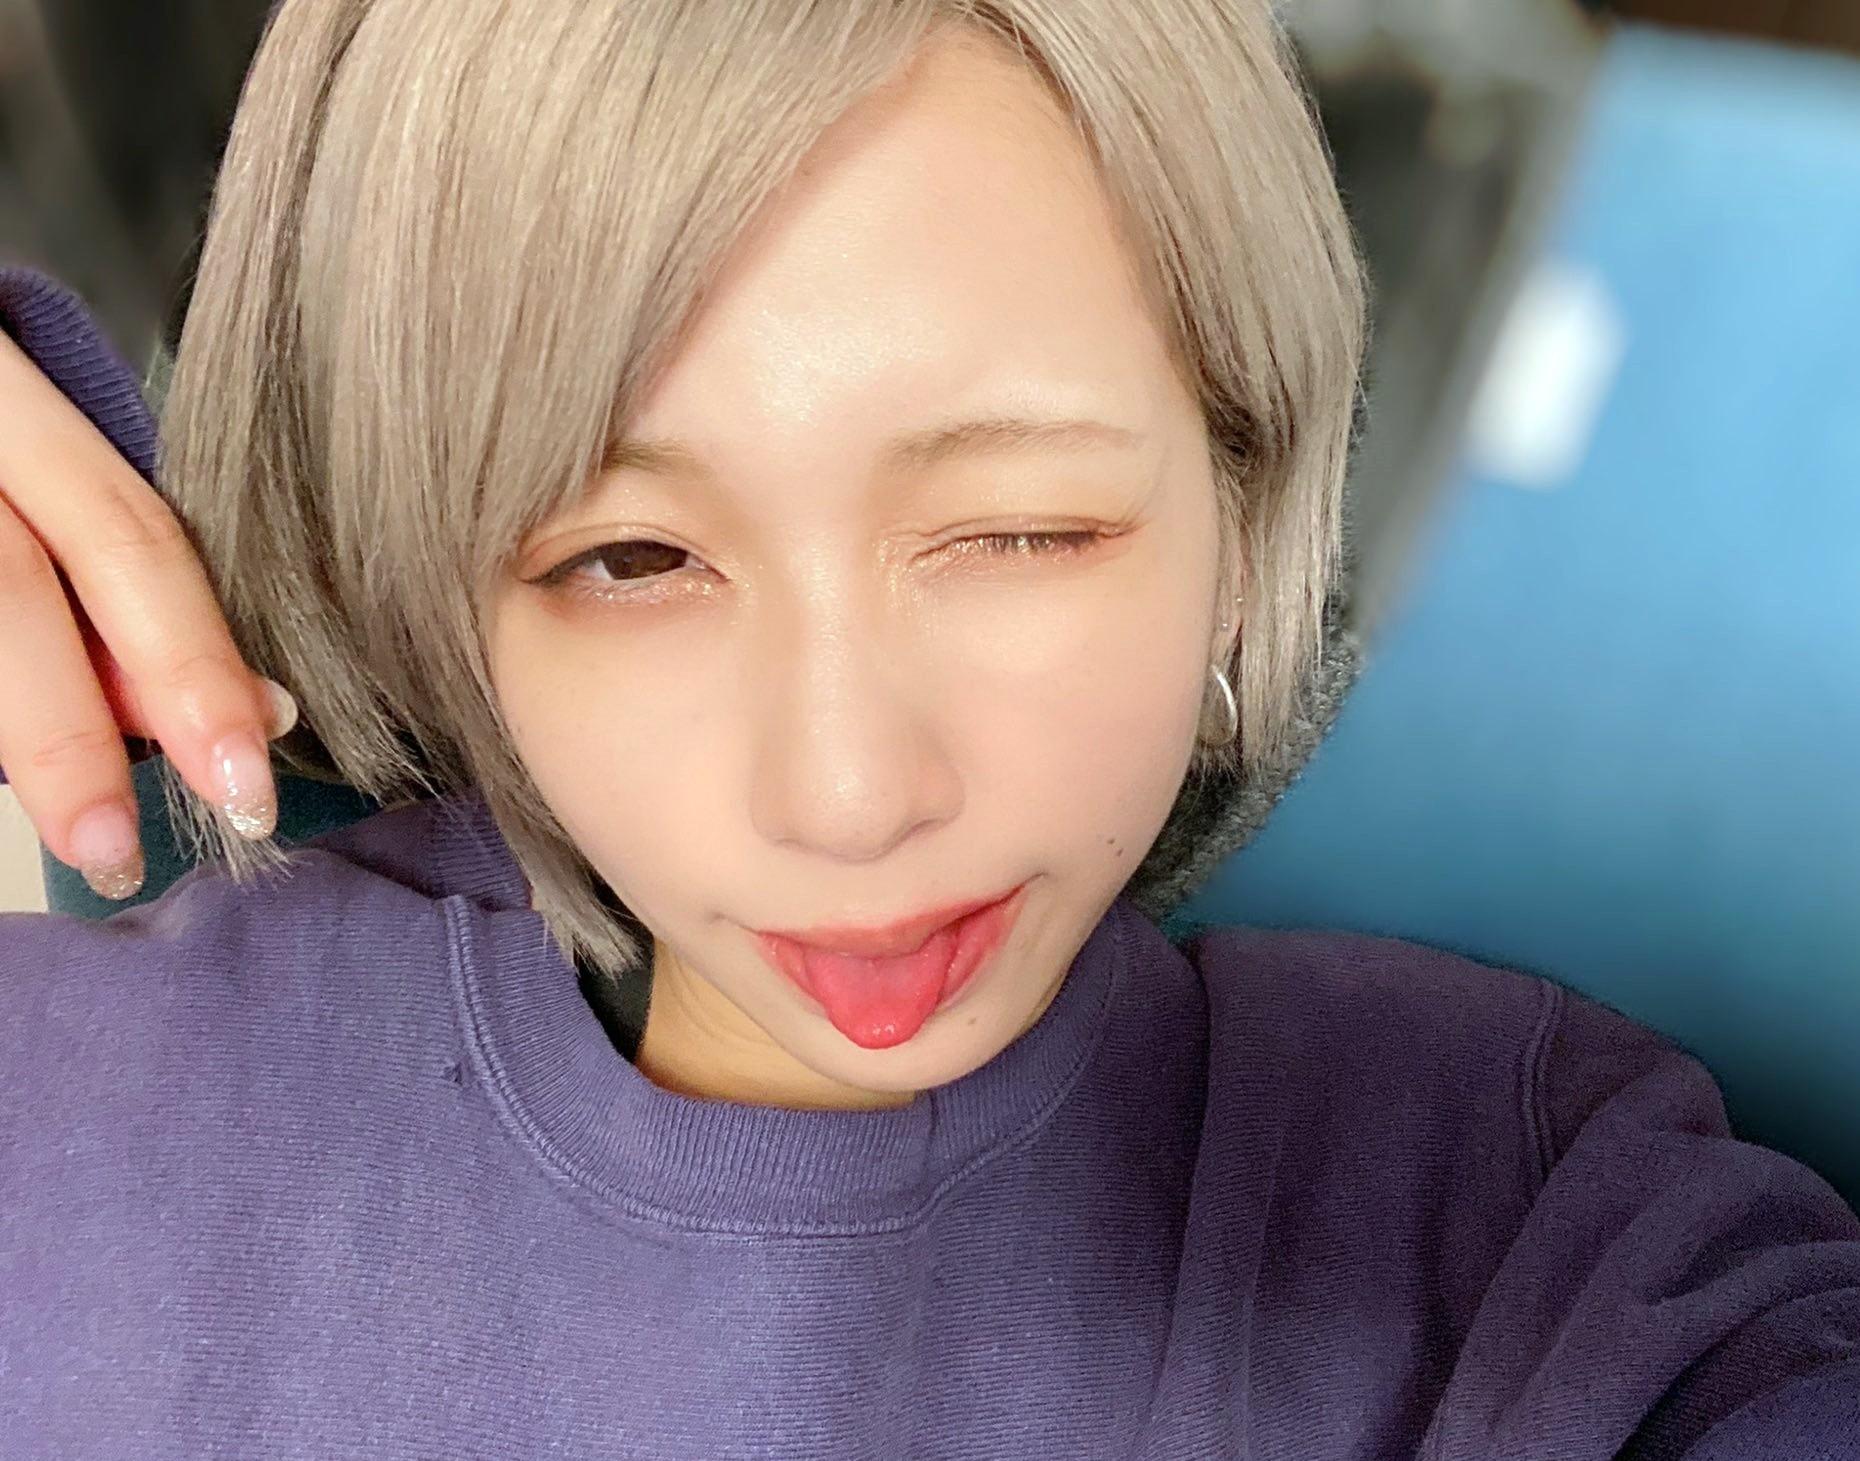 FaM・えむの舌出し (6)